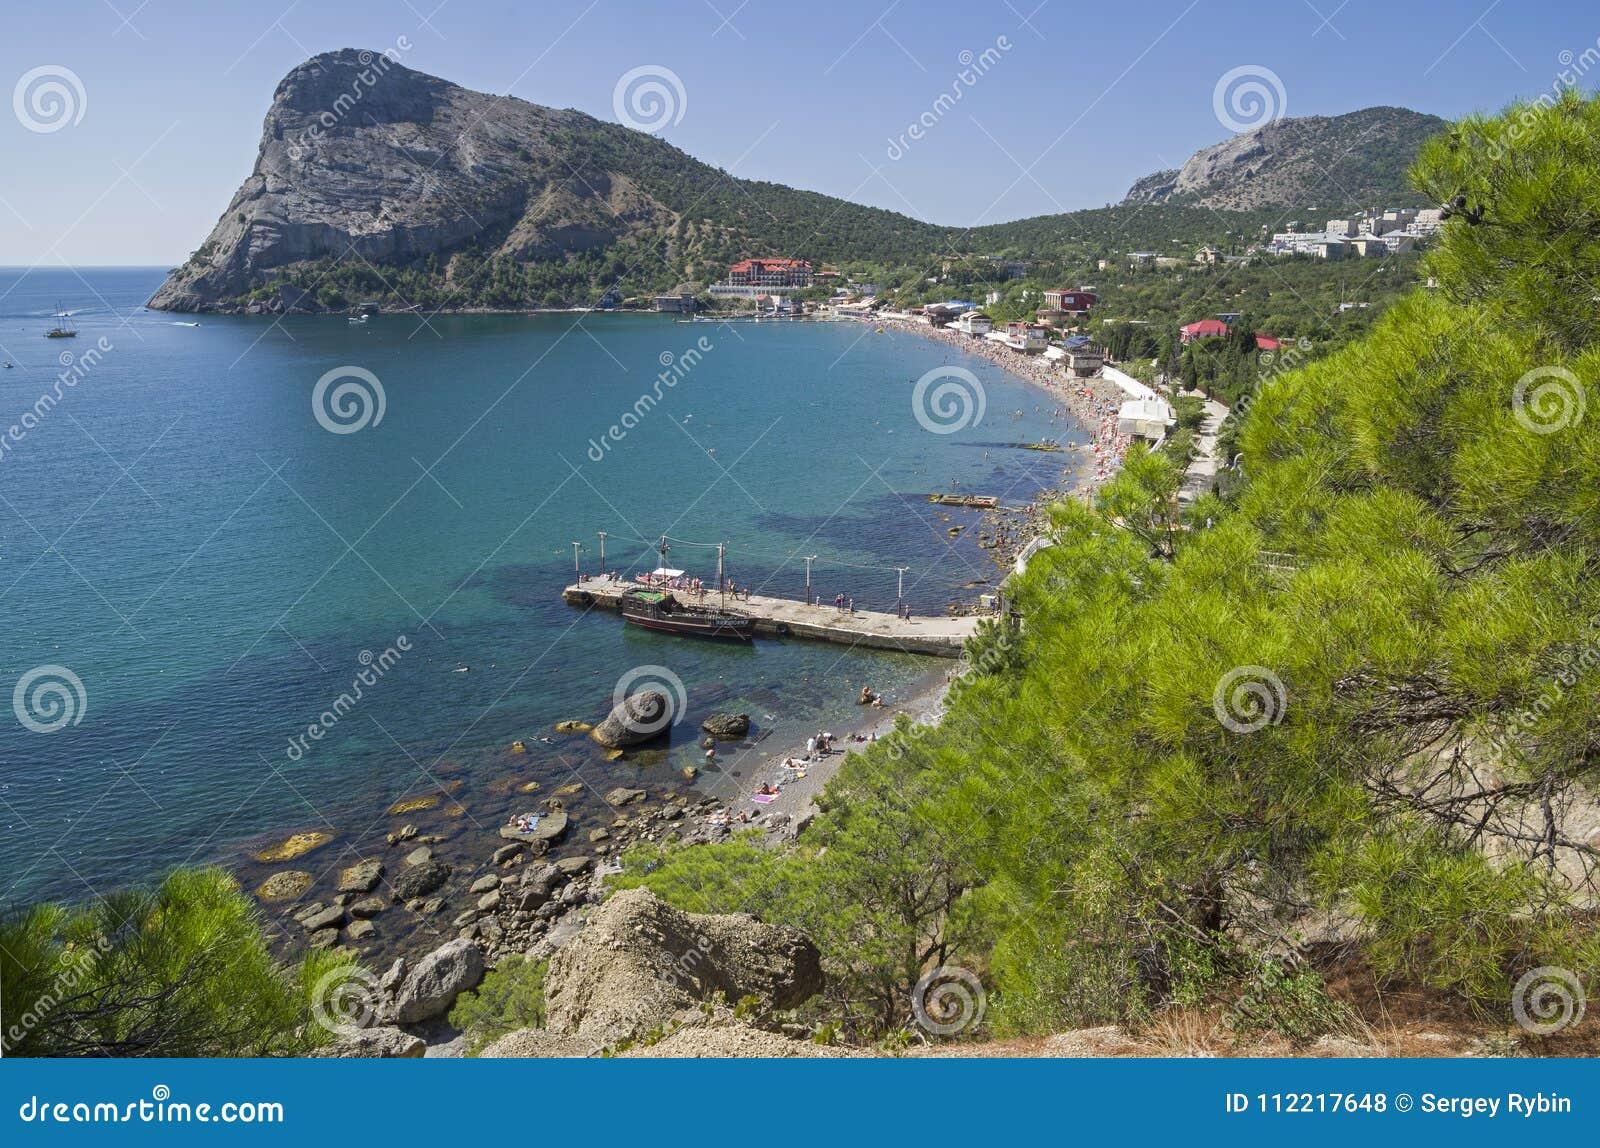 A small bay on the Black Sea coast. Crimea.